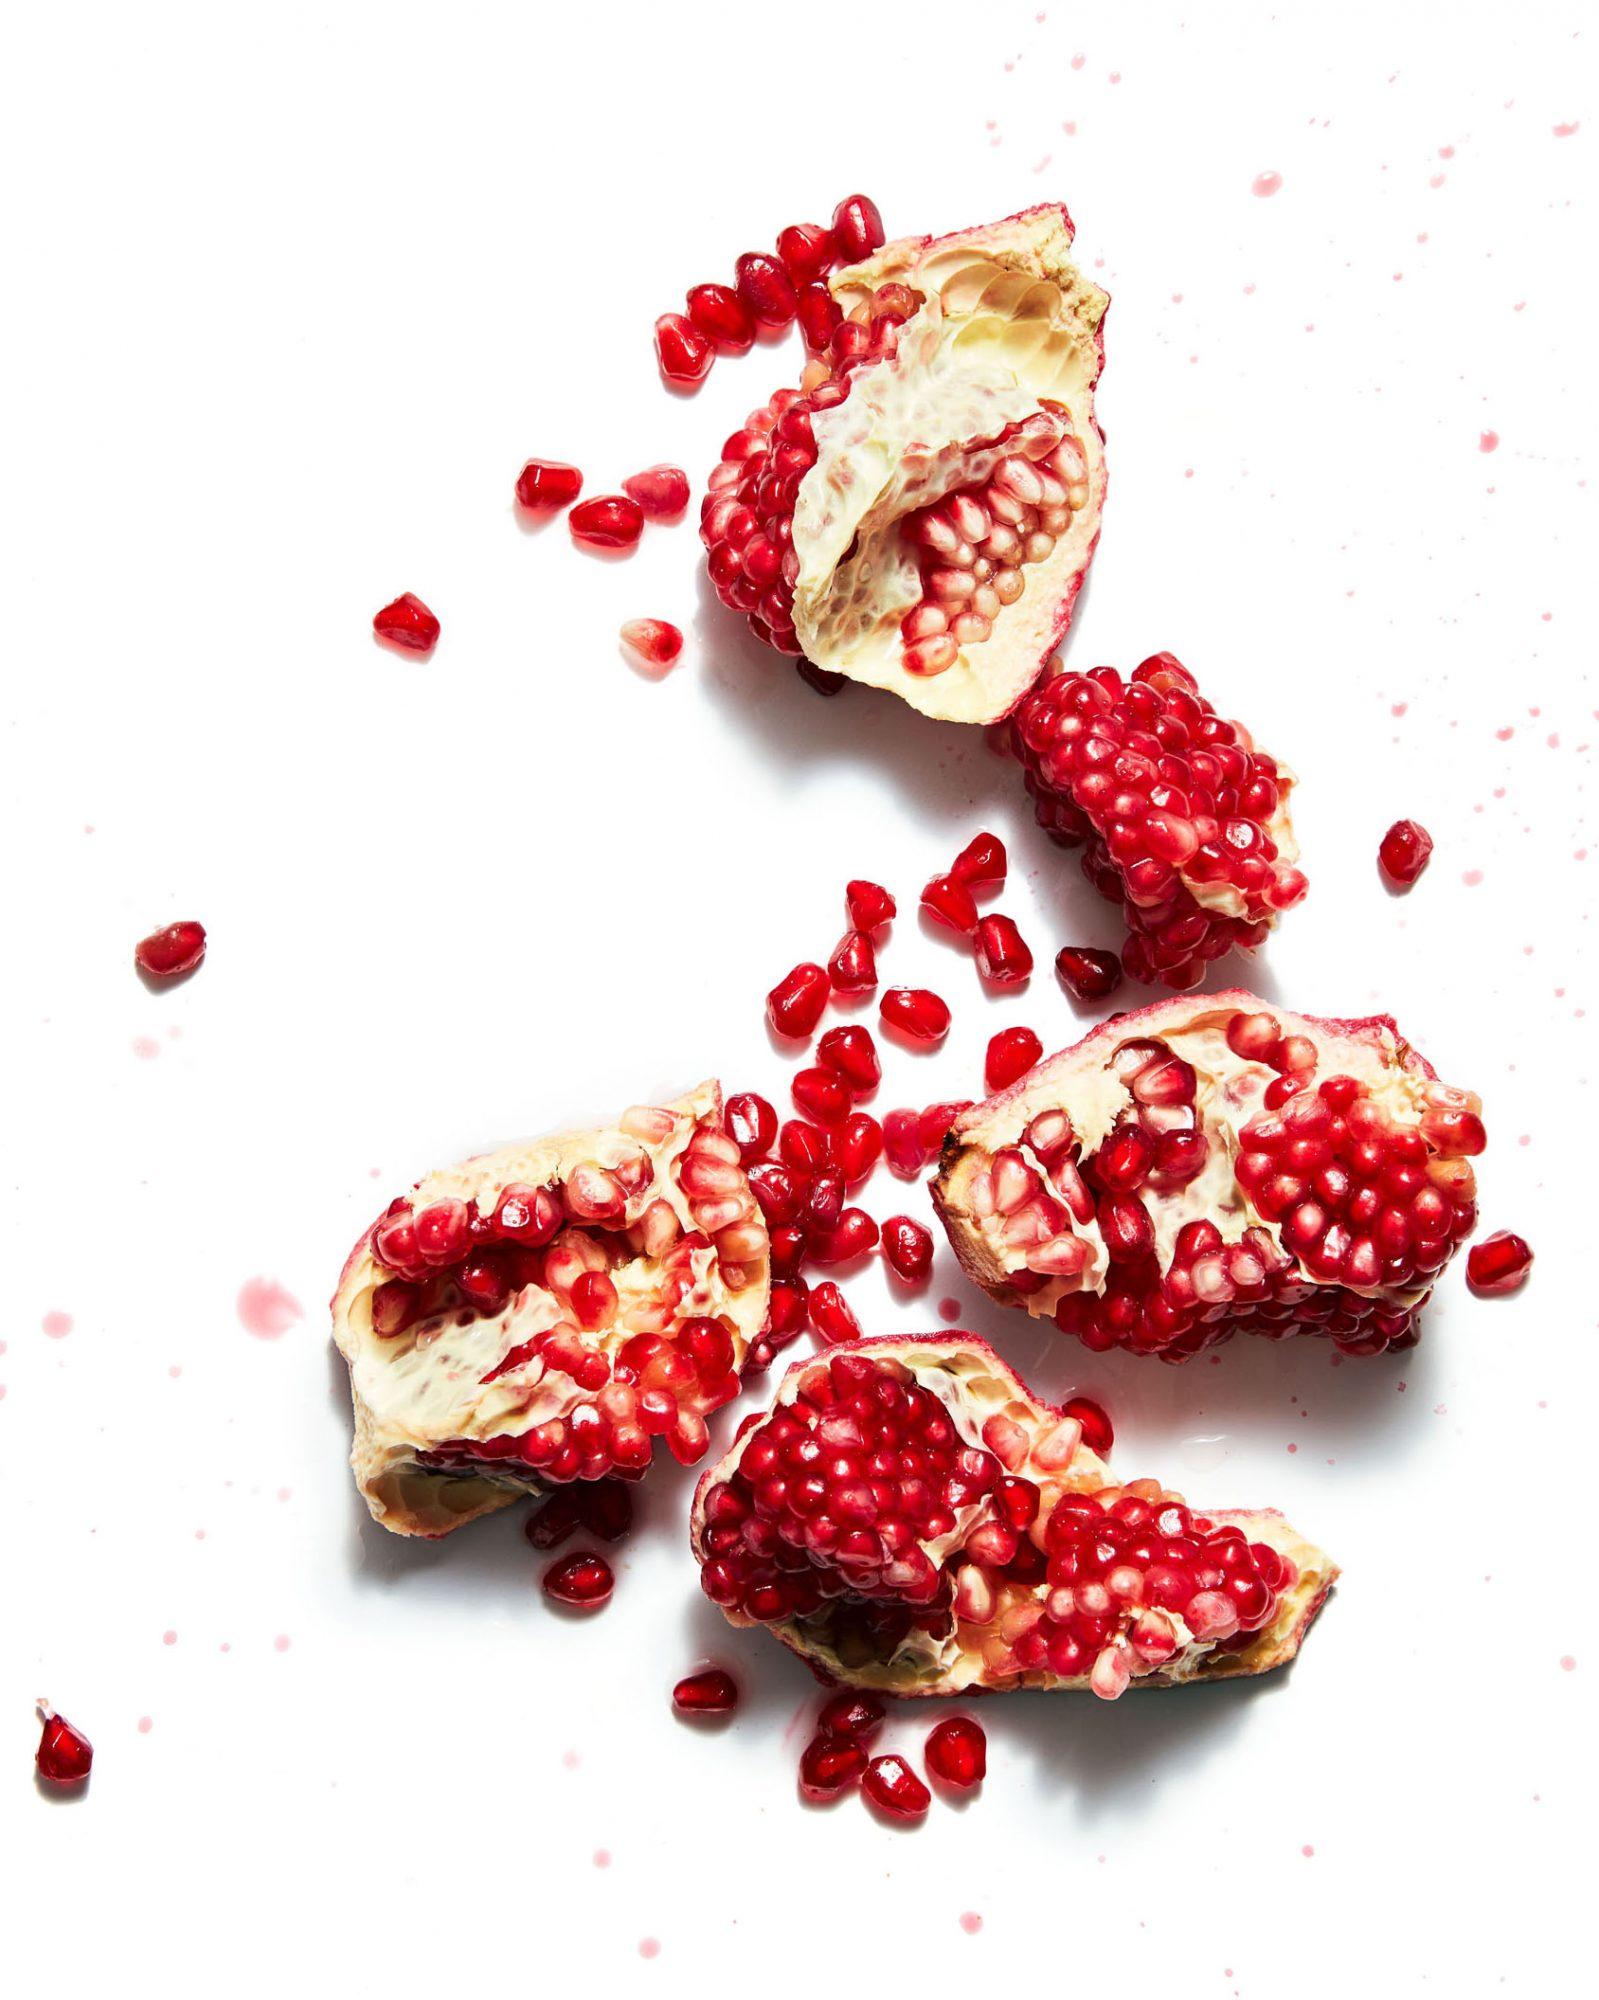 sliced pomegranate against white background